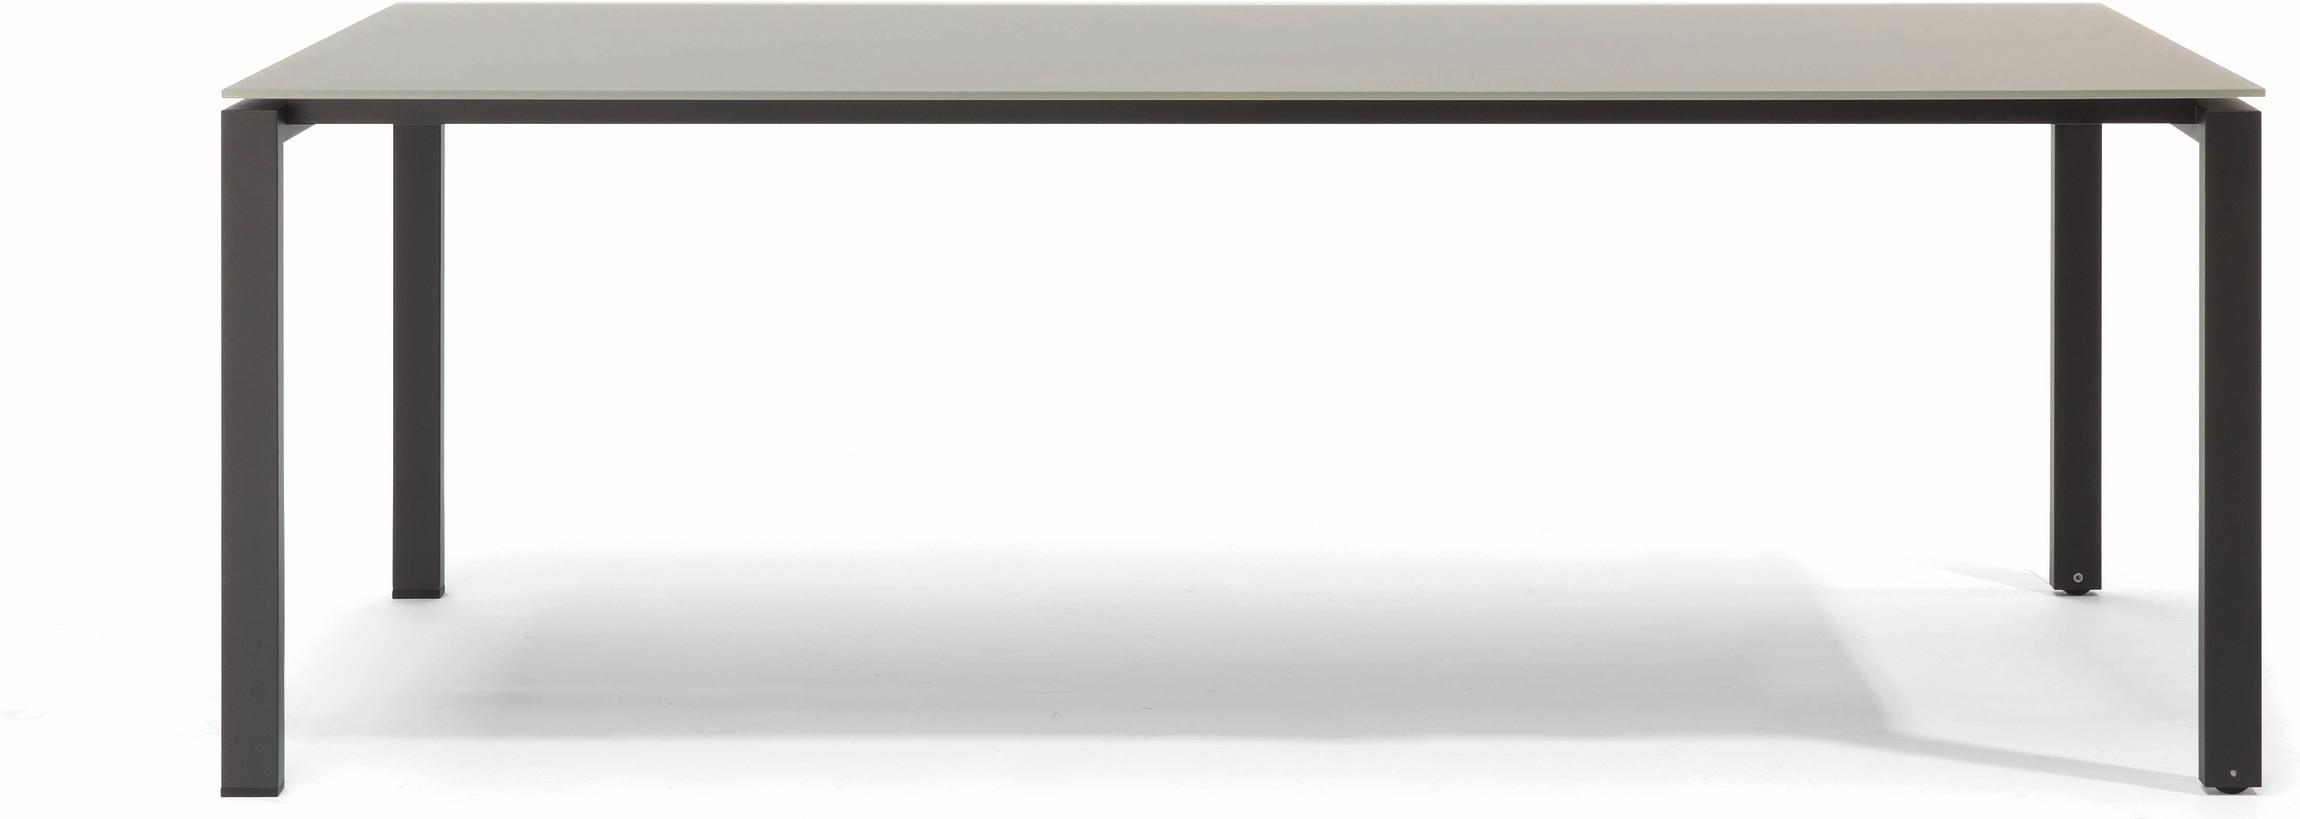 Eettafel Trento - keramisch kwarts 6 mm EQ 270